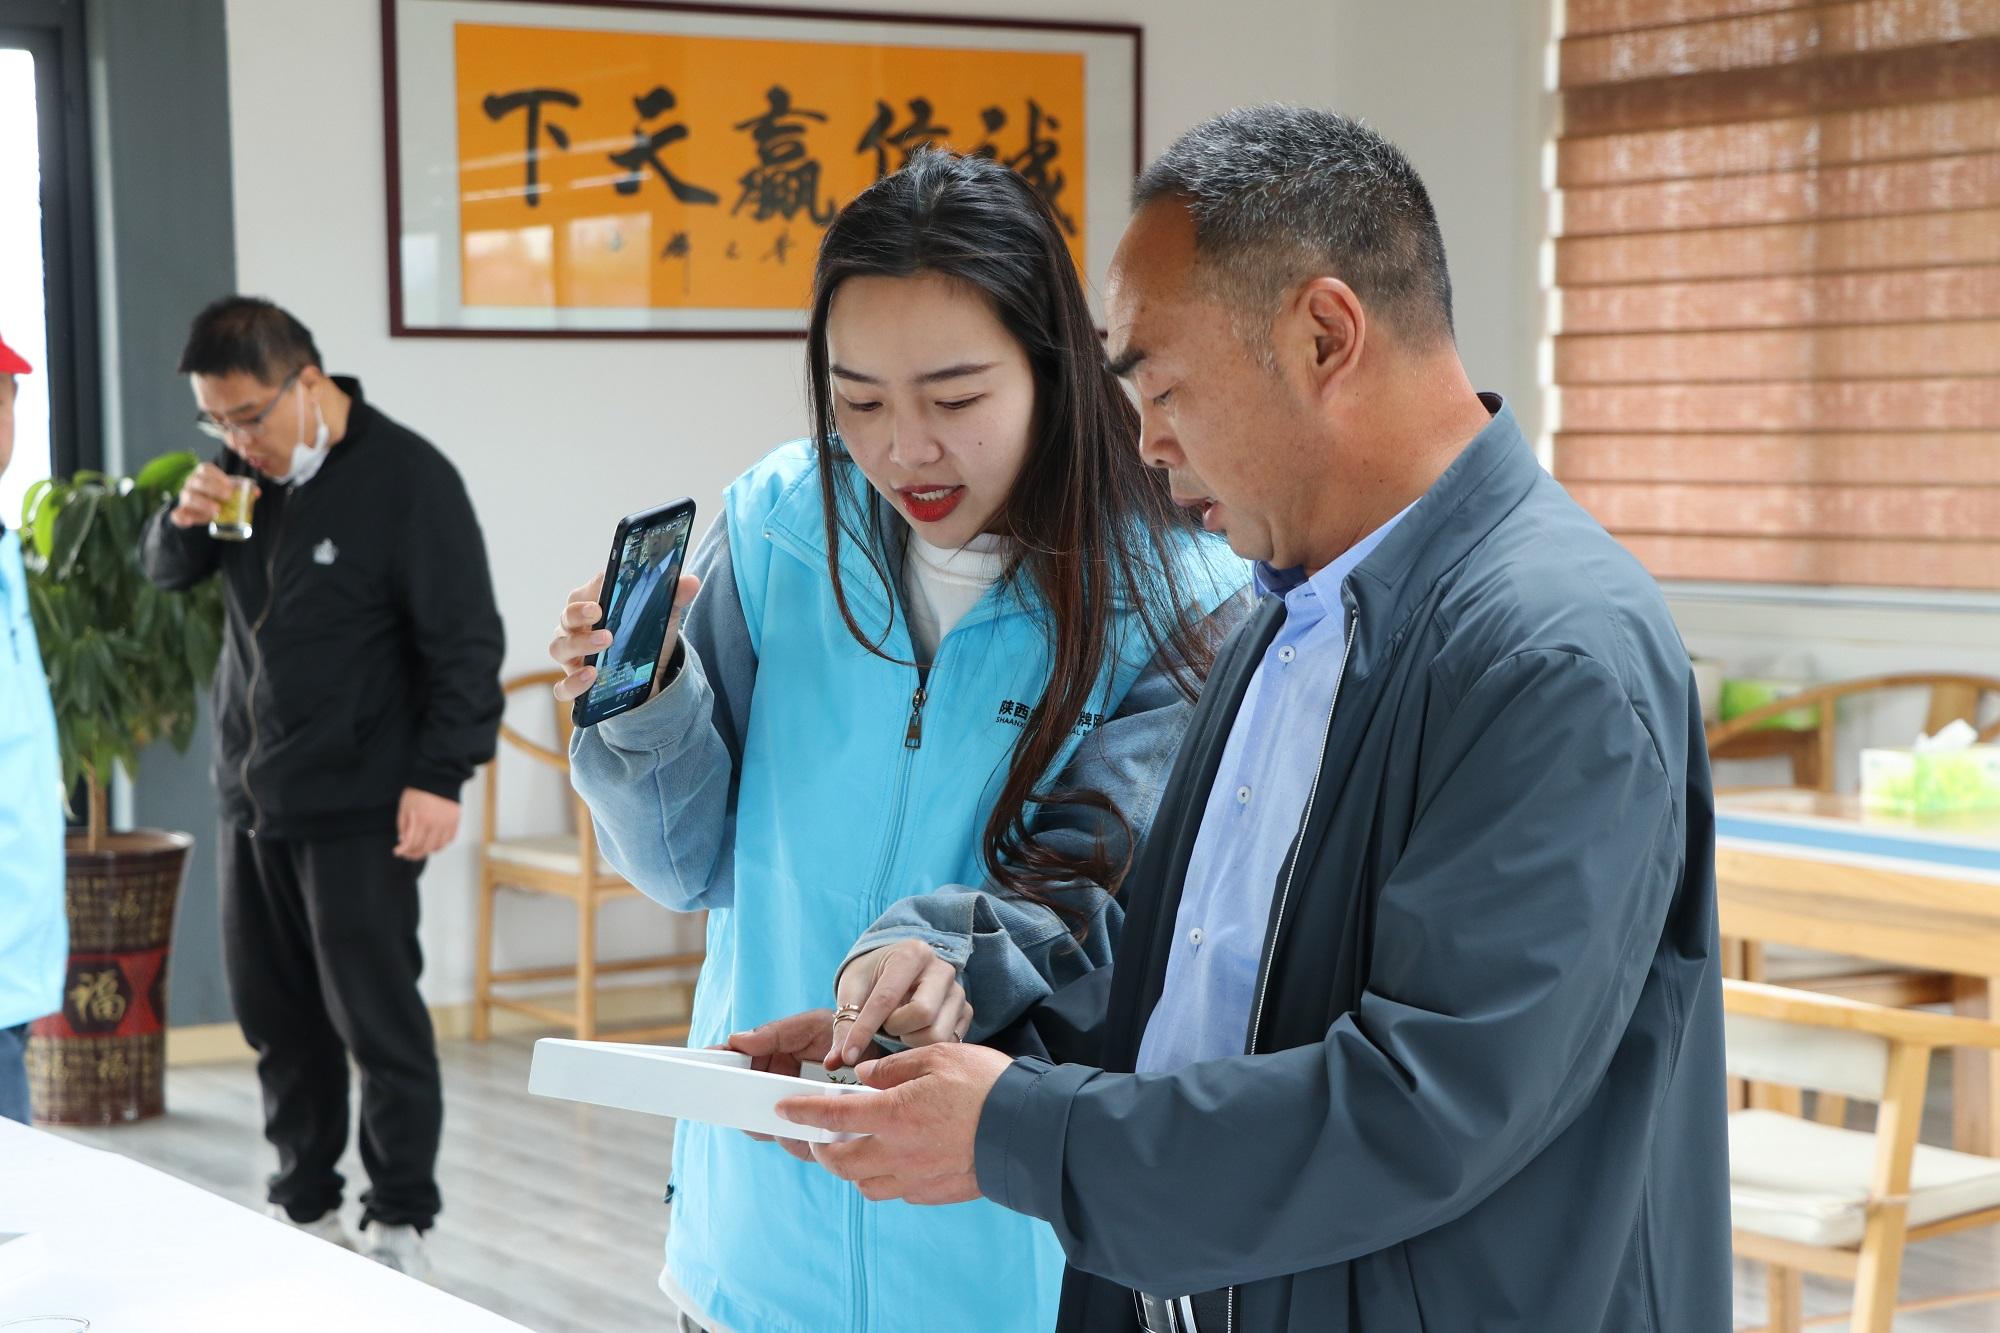 陕西省商南县茶叶联营公司经理刘保柱为网友推荐茶产品